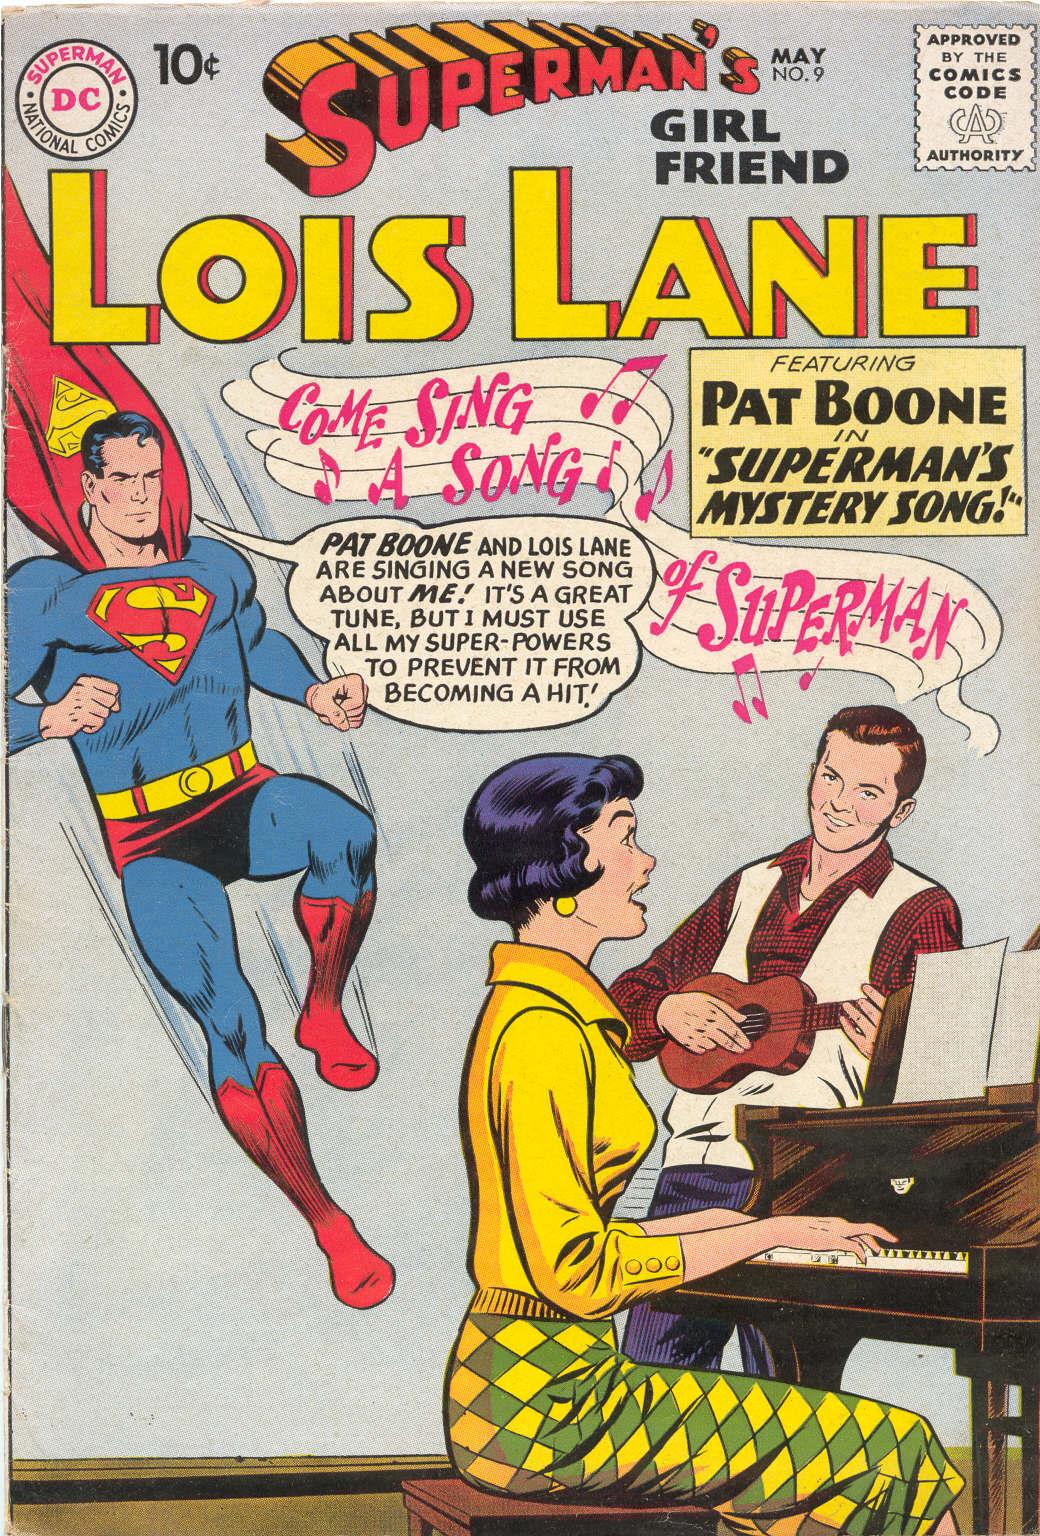 Supermans Girl Friend, Lois Lane 9 Page 1